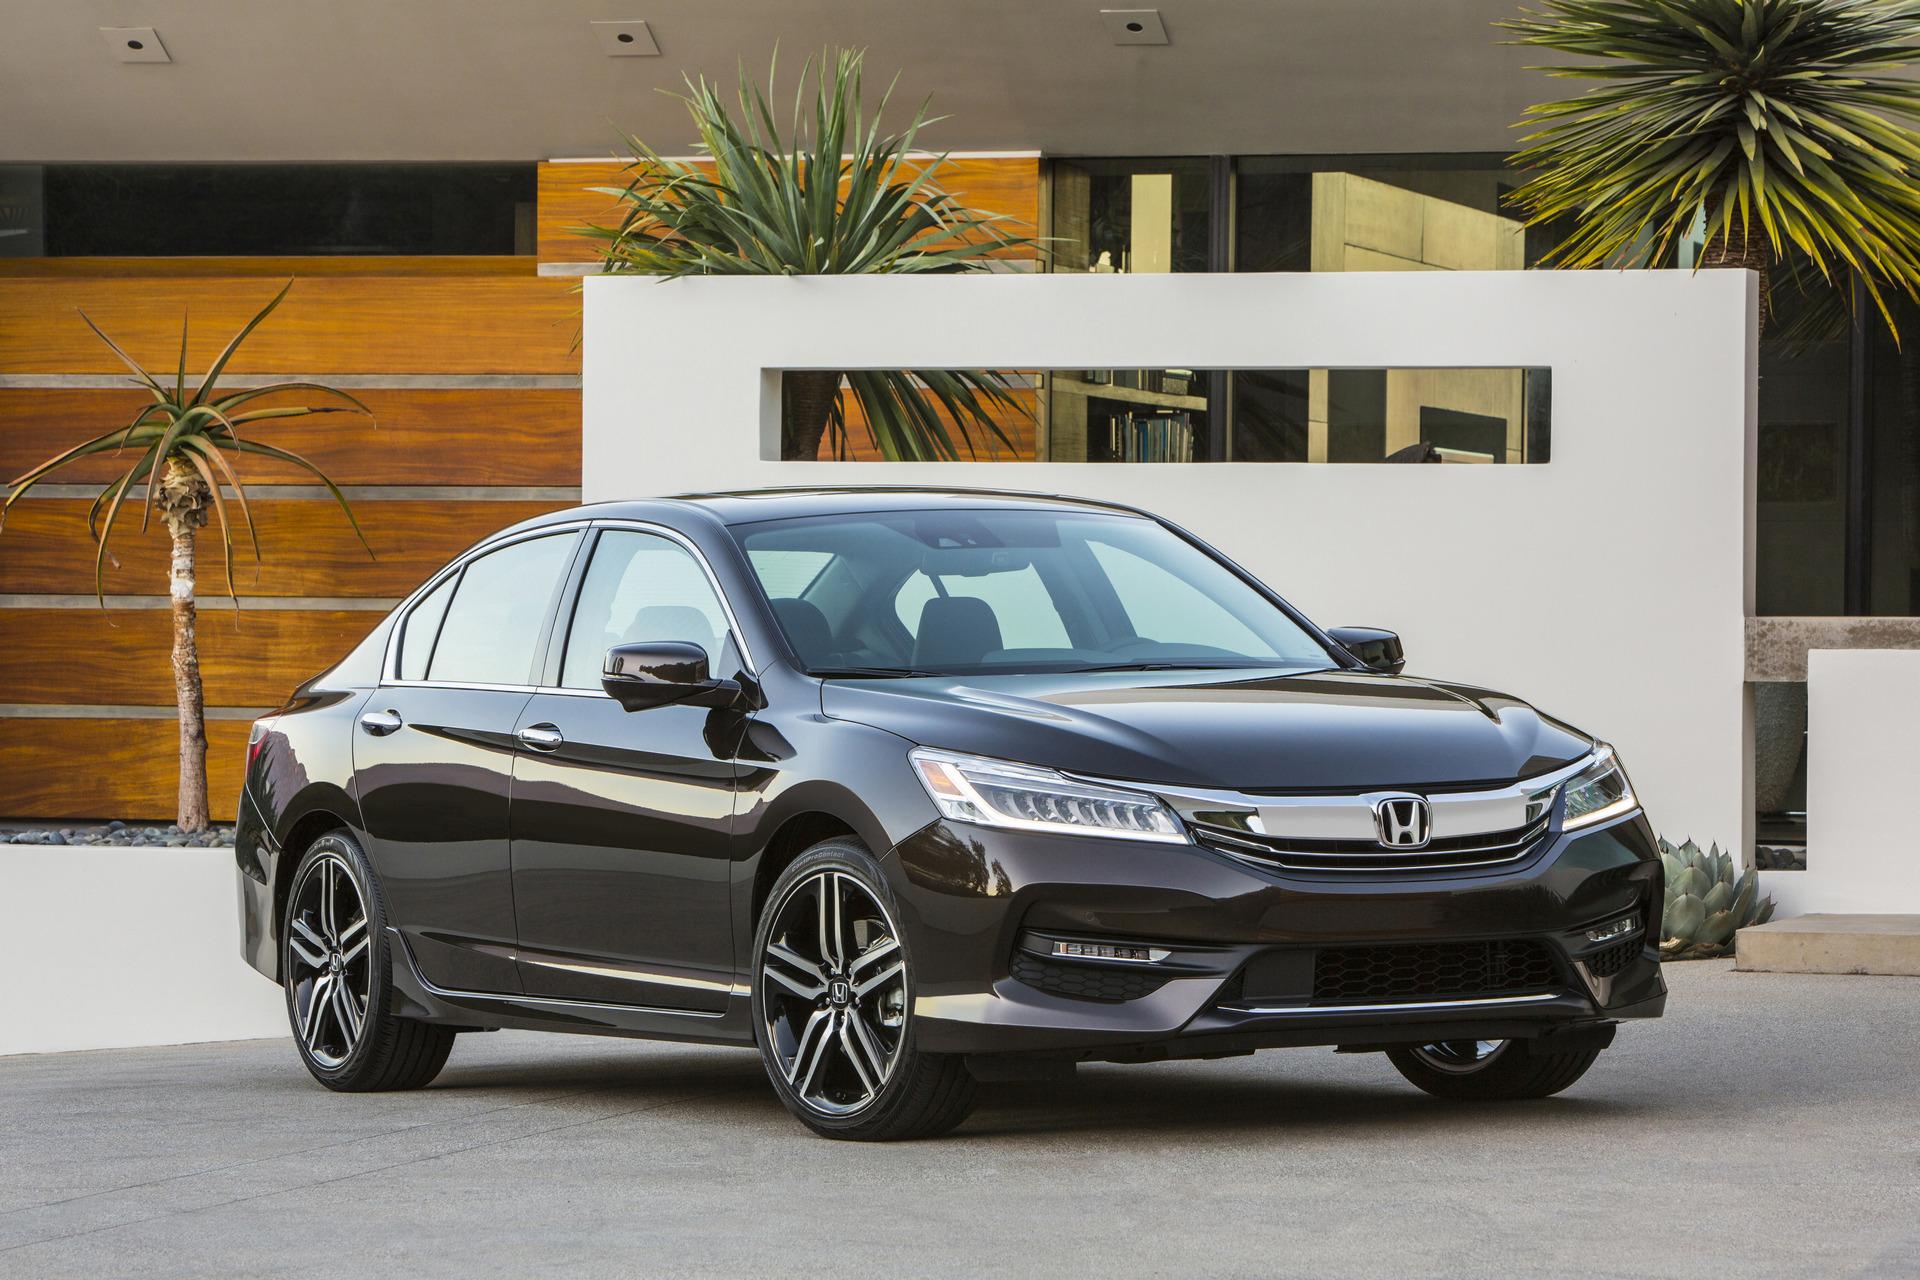 2016 Honda Accord Sedan © Honda Motor Co., Ltd.